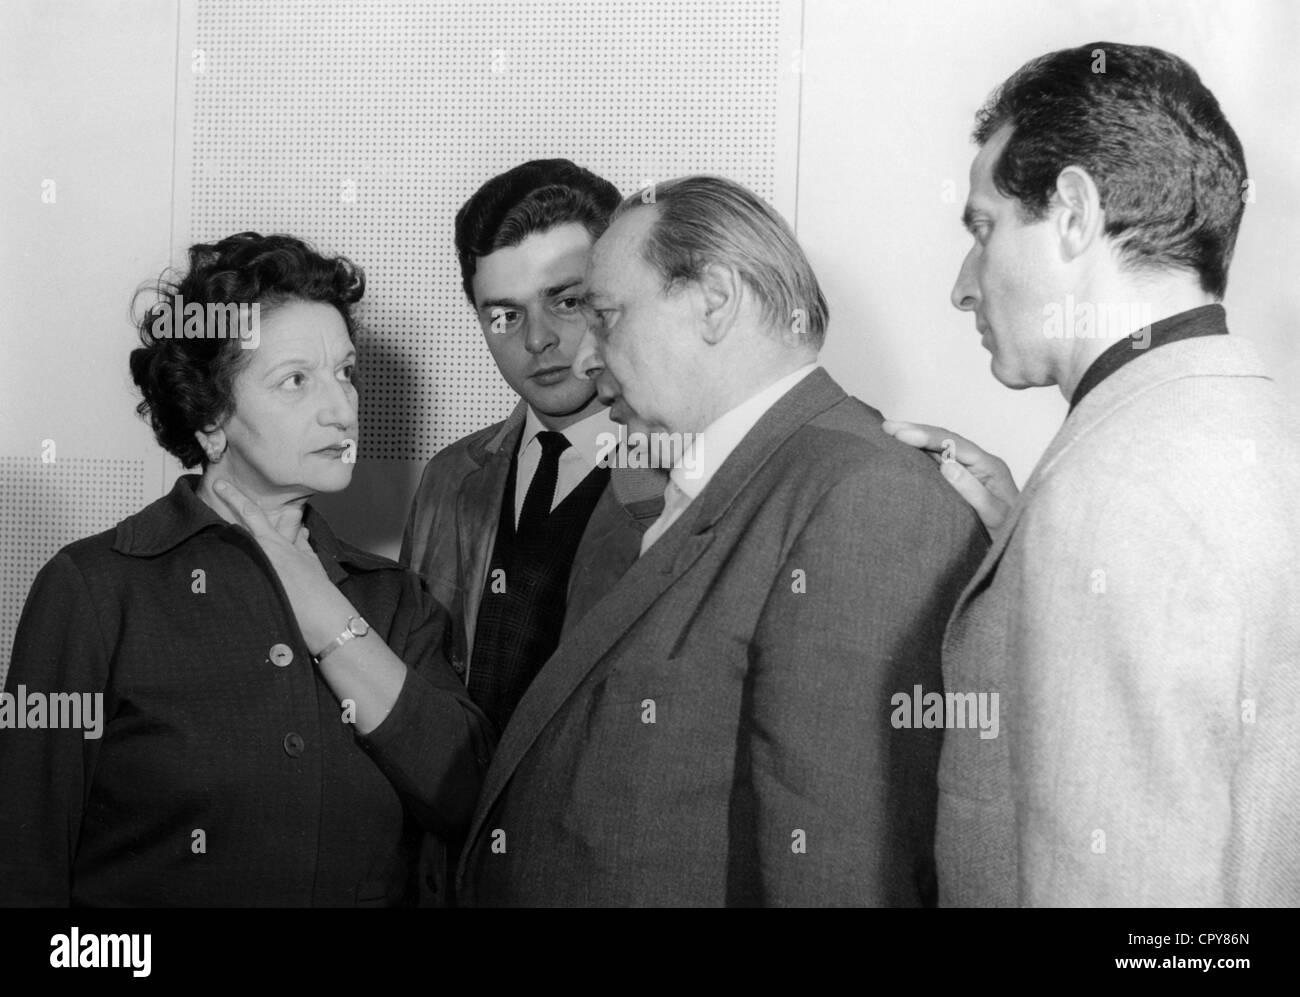 Película, 'Simon', DEU 1960, durante la realización de: Ida Ehre, Hans G. Harnisch, Carl Kuhlmann, Imagen De Stock